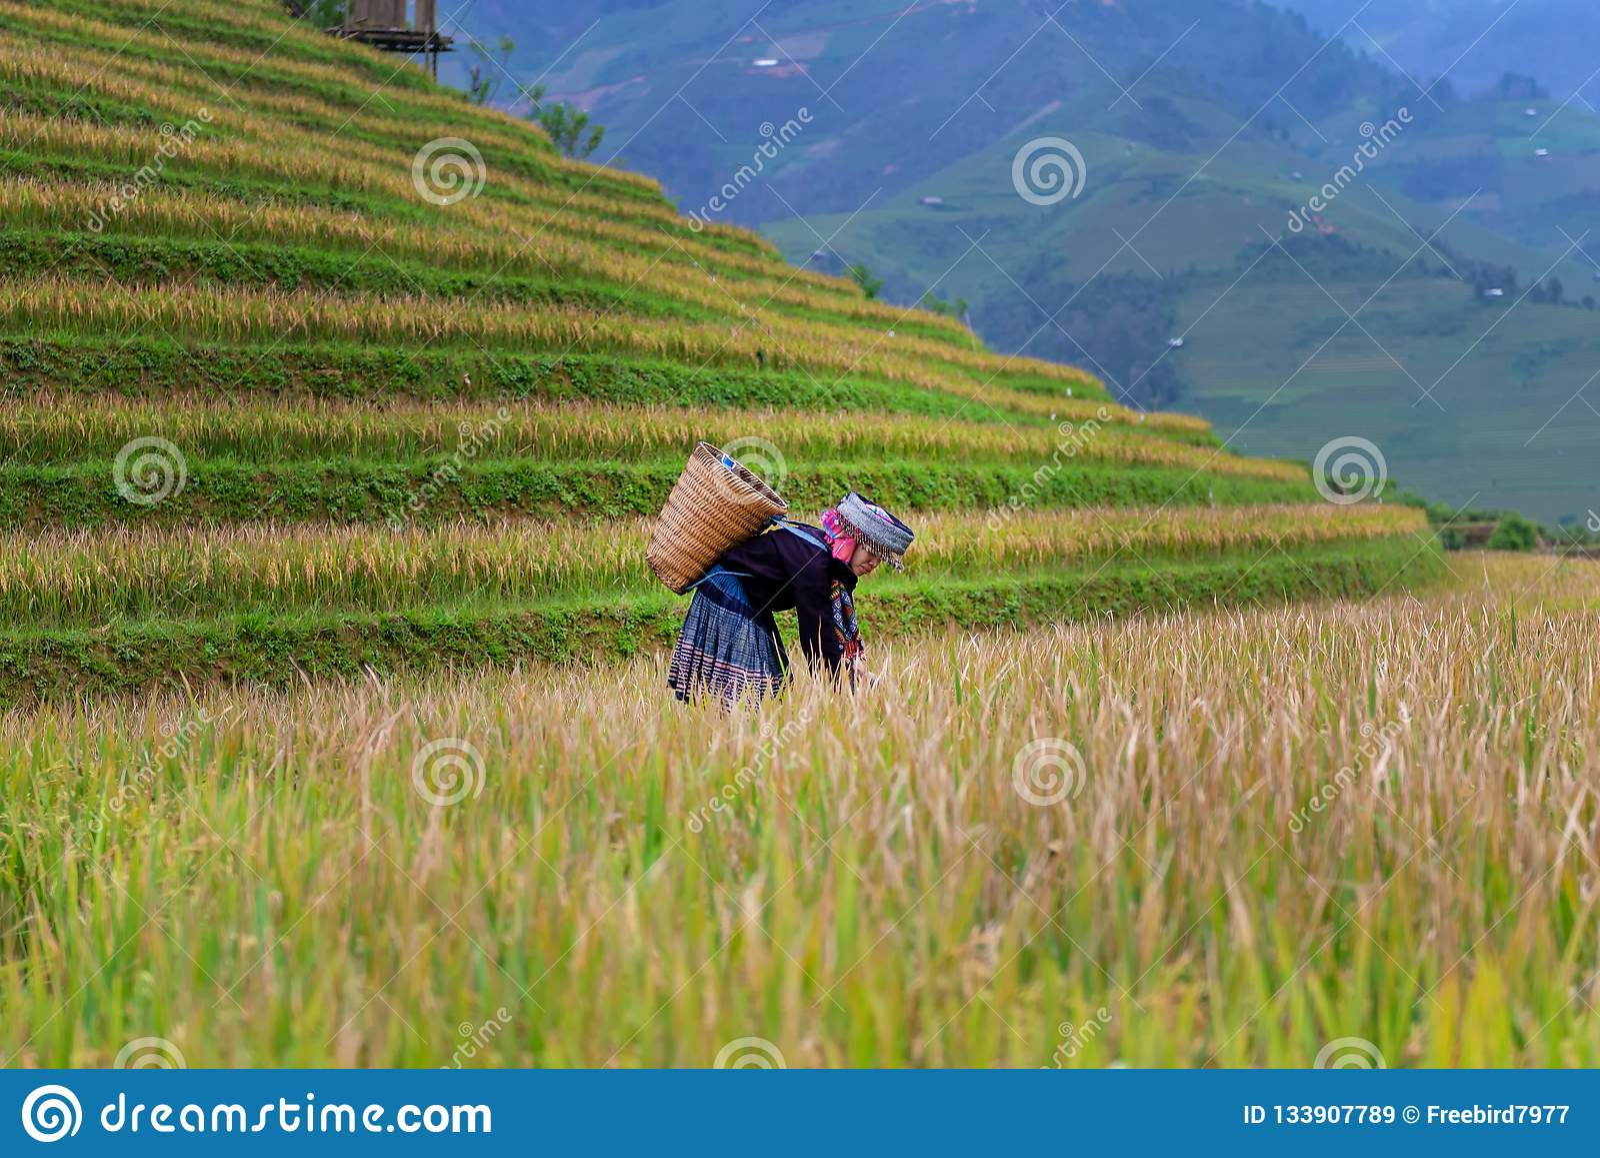 Женщины фермера жмут индустрию земледелия риса Террасное поле риса в сезоне сбора с женщиной этнического меньшинства на рисе поля